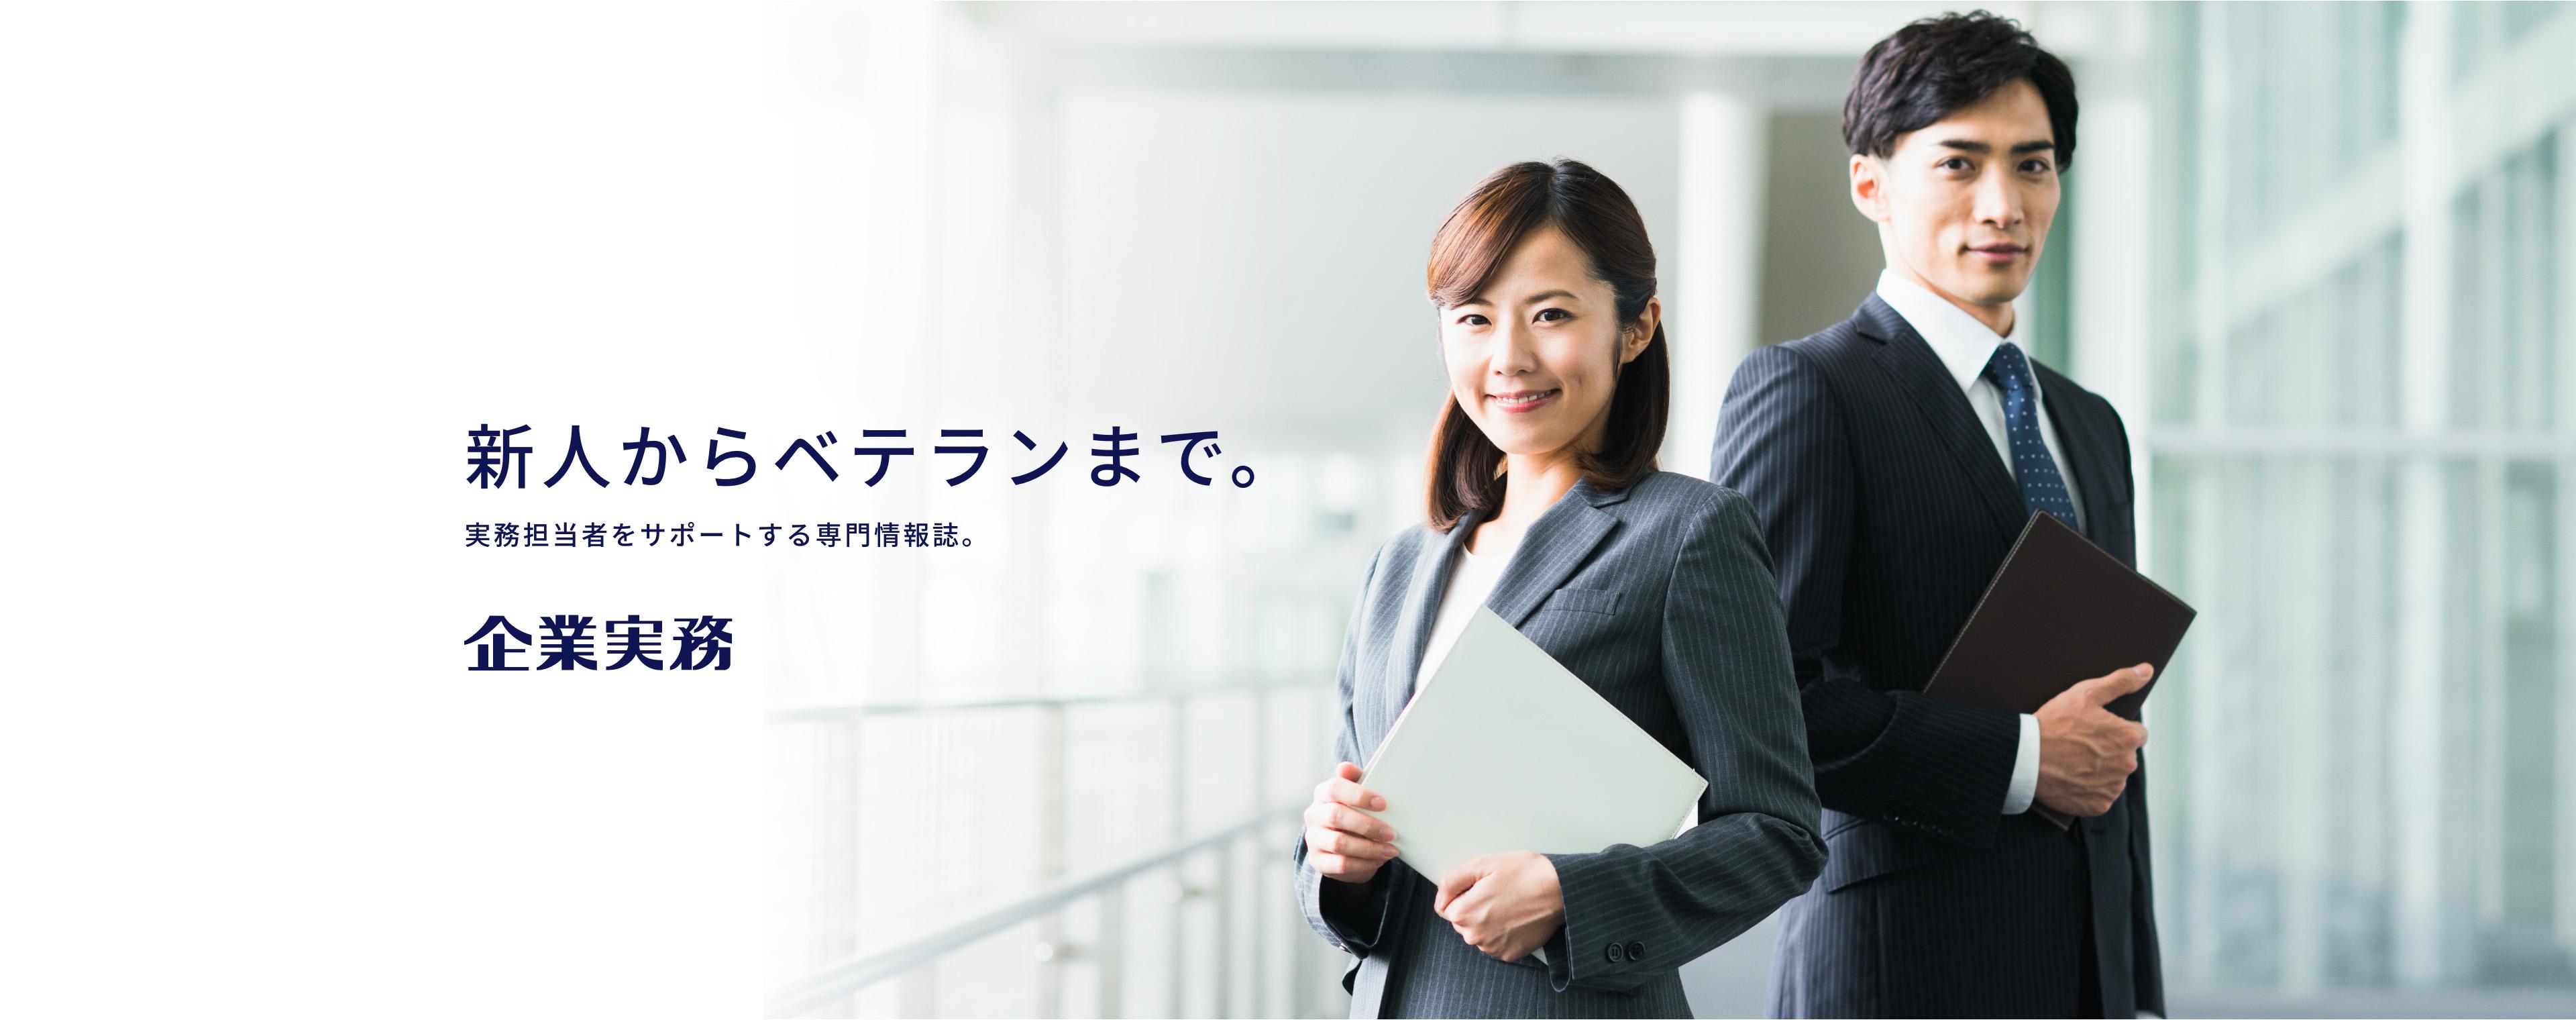 新人からベテランまで。実務担当者をサポートする専門情報誌。企業実務